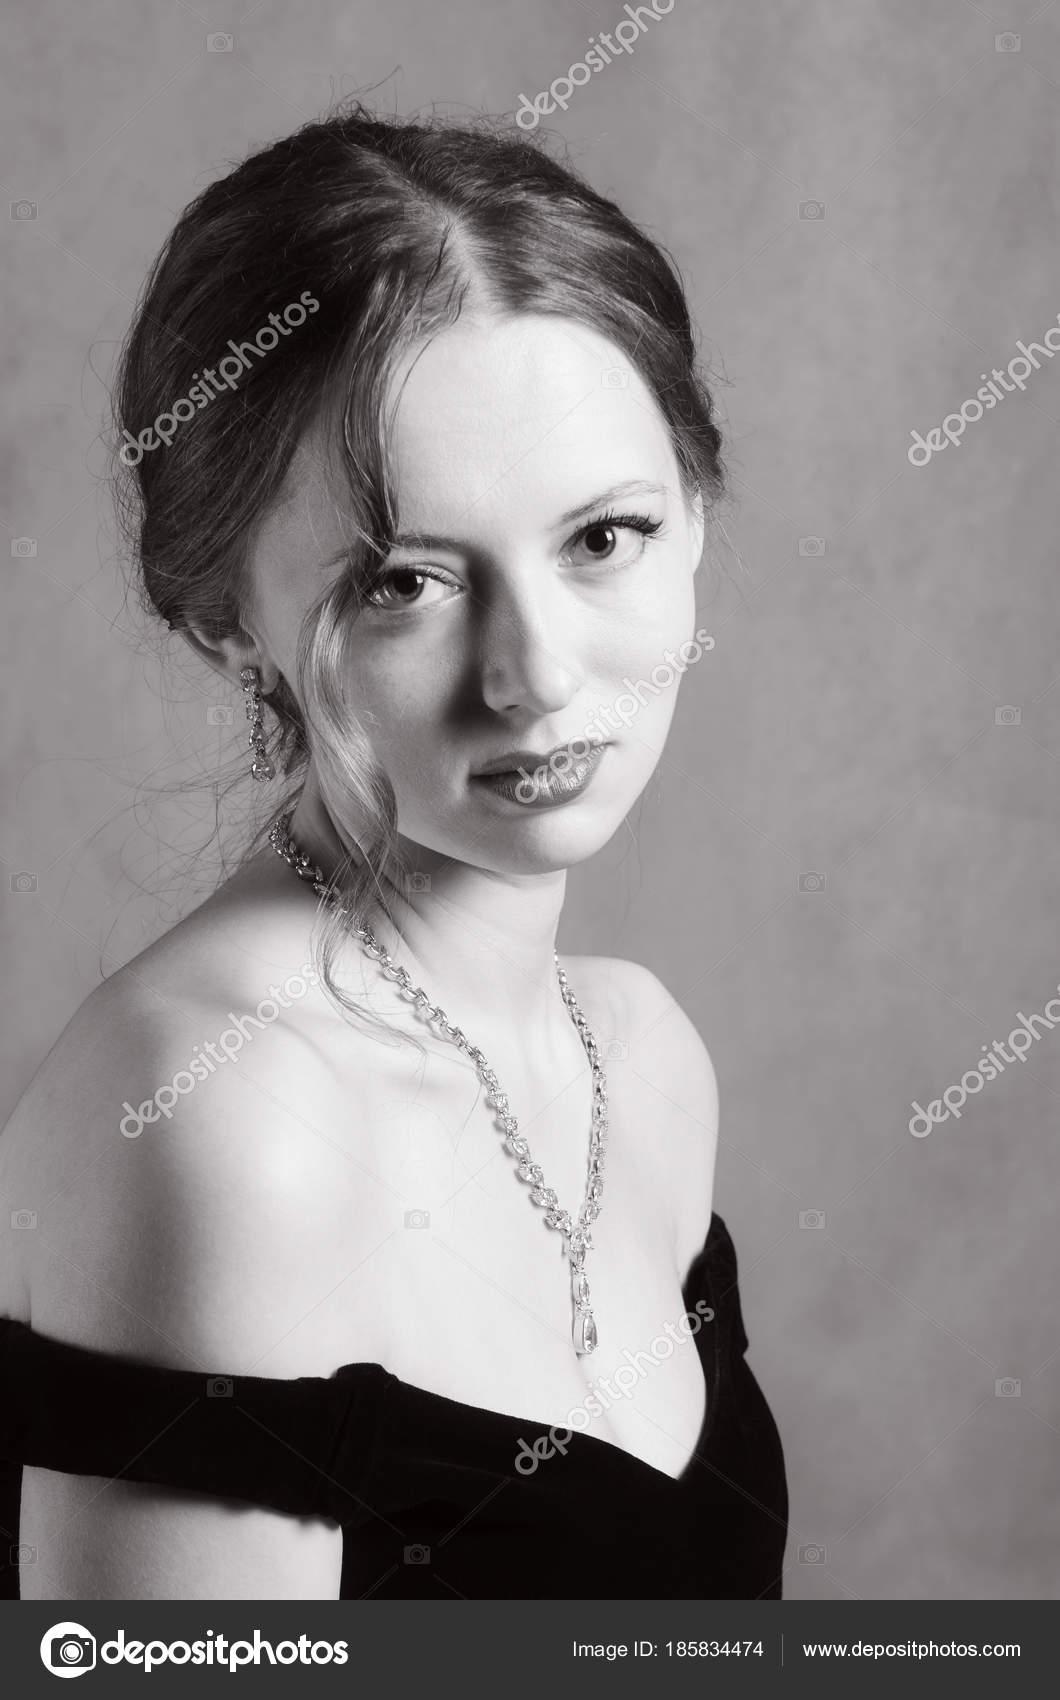 Видео ножки очаровательная блондинка на черно-белом фото картинки косплей